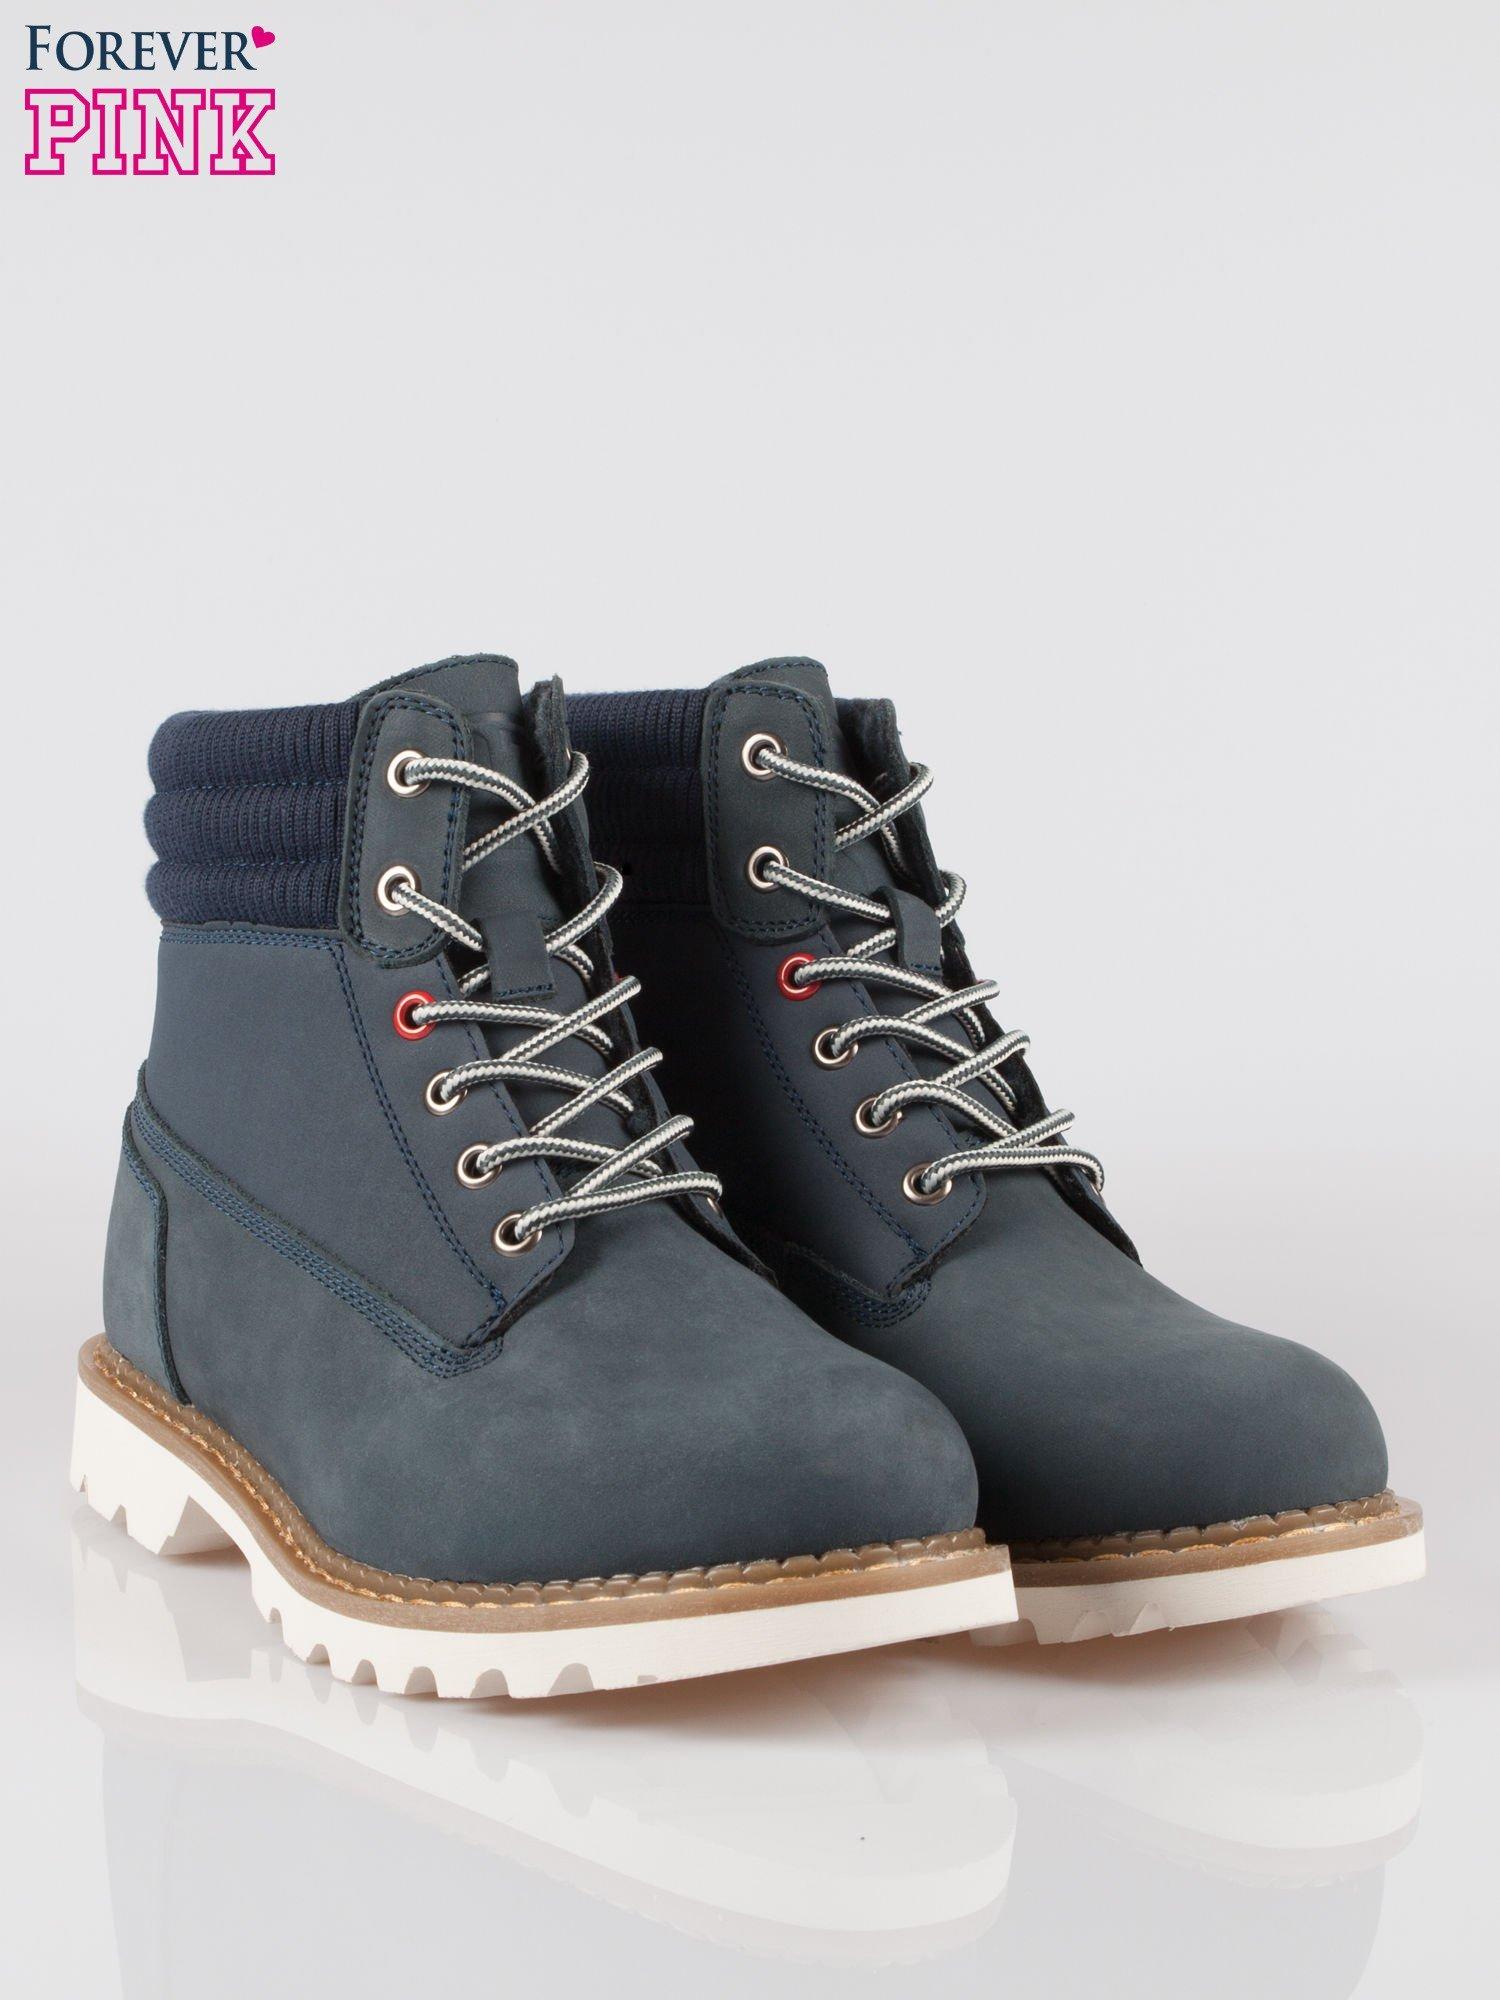 Granatowe buty trekkingowe traperki damskie z elastycznym kołnierzem ze skóry naturalnej                                  zdj.                                  2